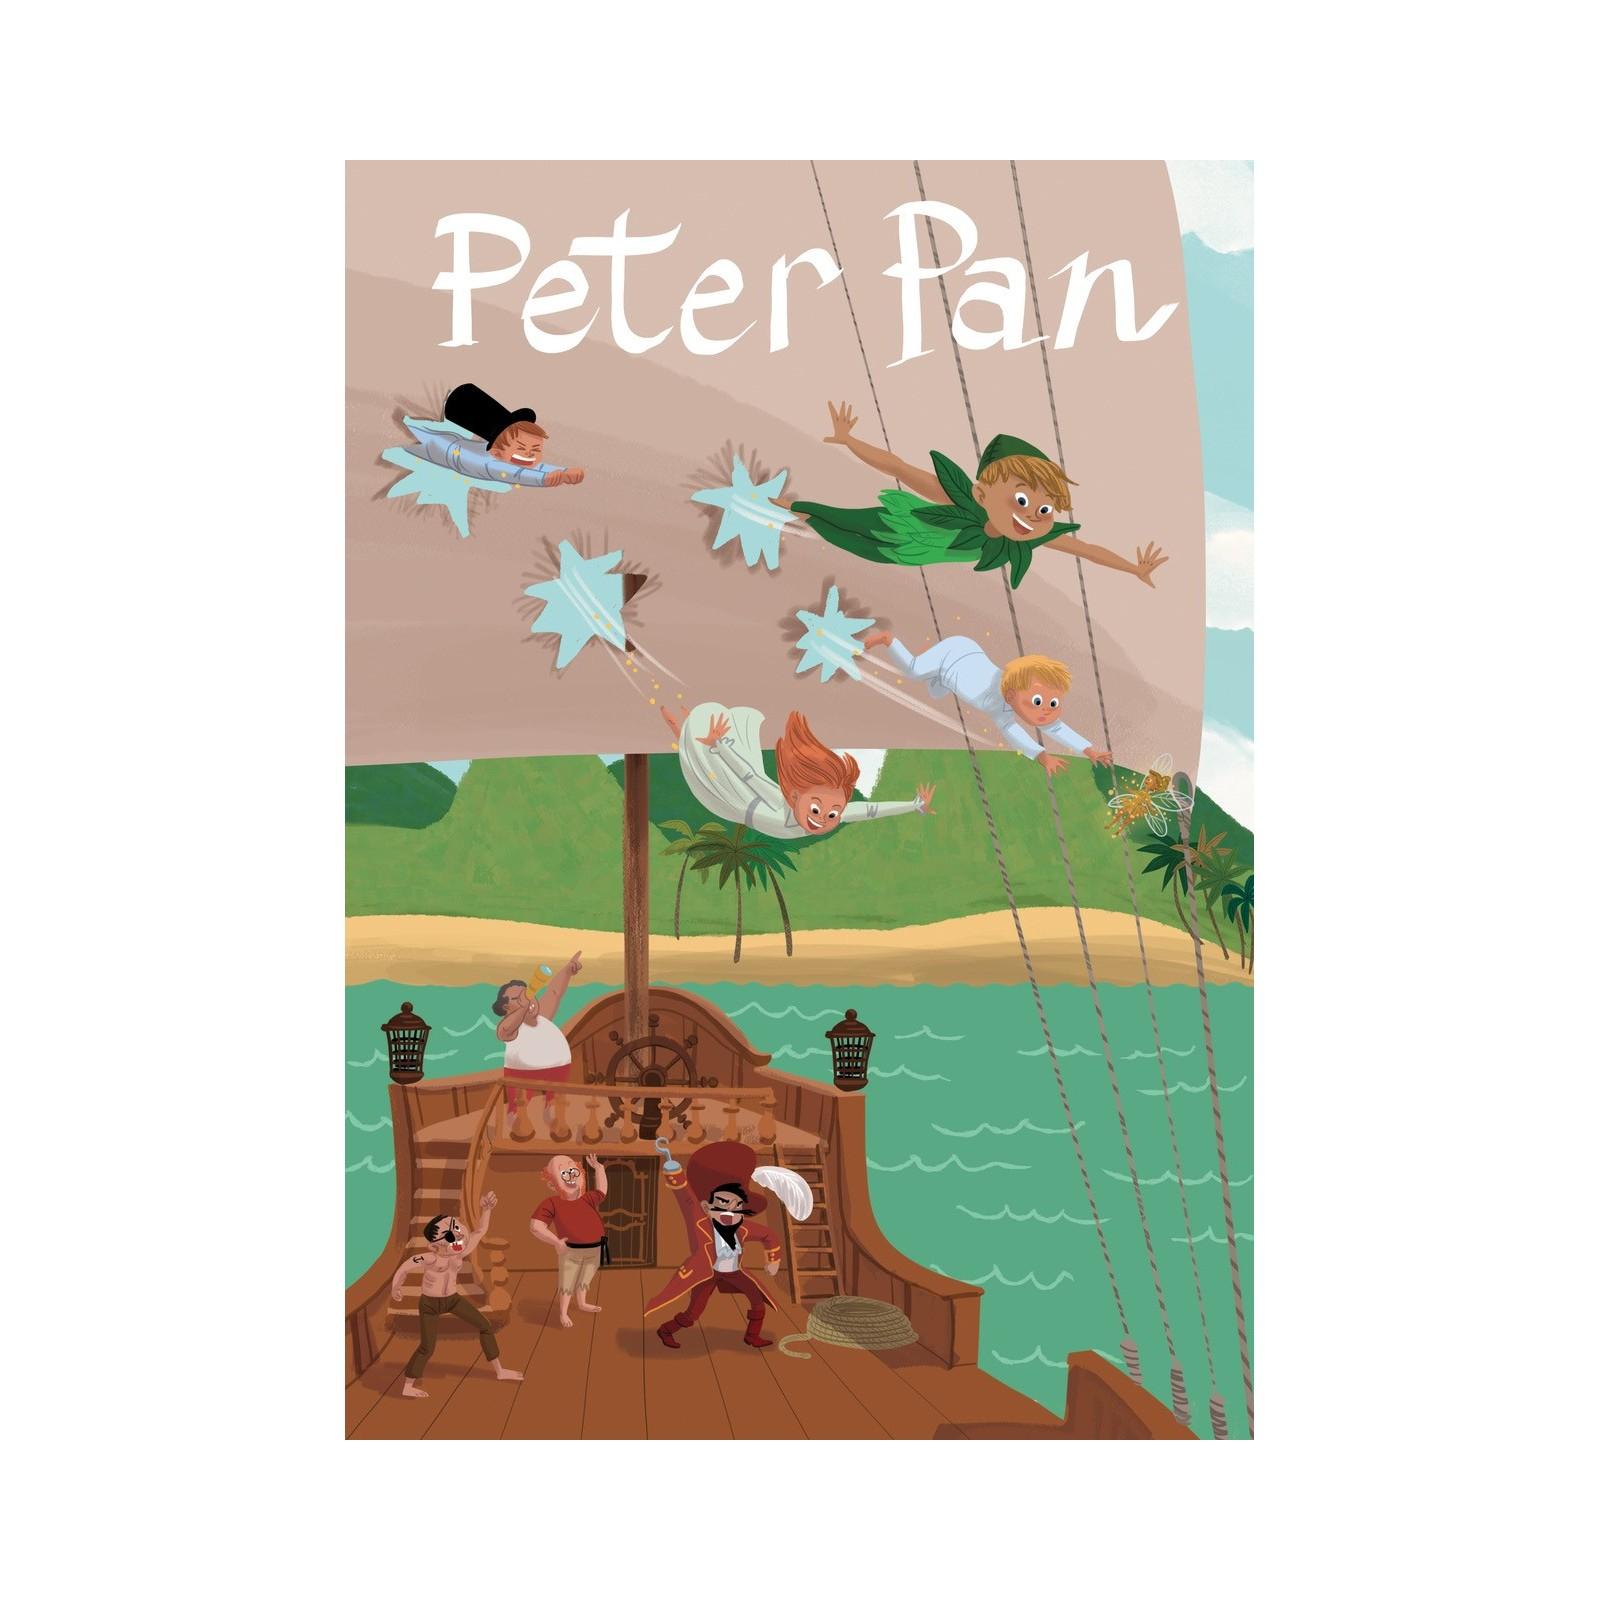 Fabrique Un Bateau De Pirate Volant De Peter Pan intérieur Fabriquer Un Bateau Pirate